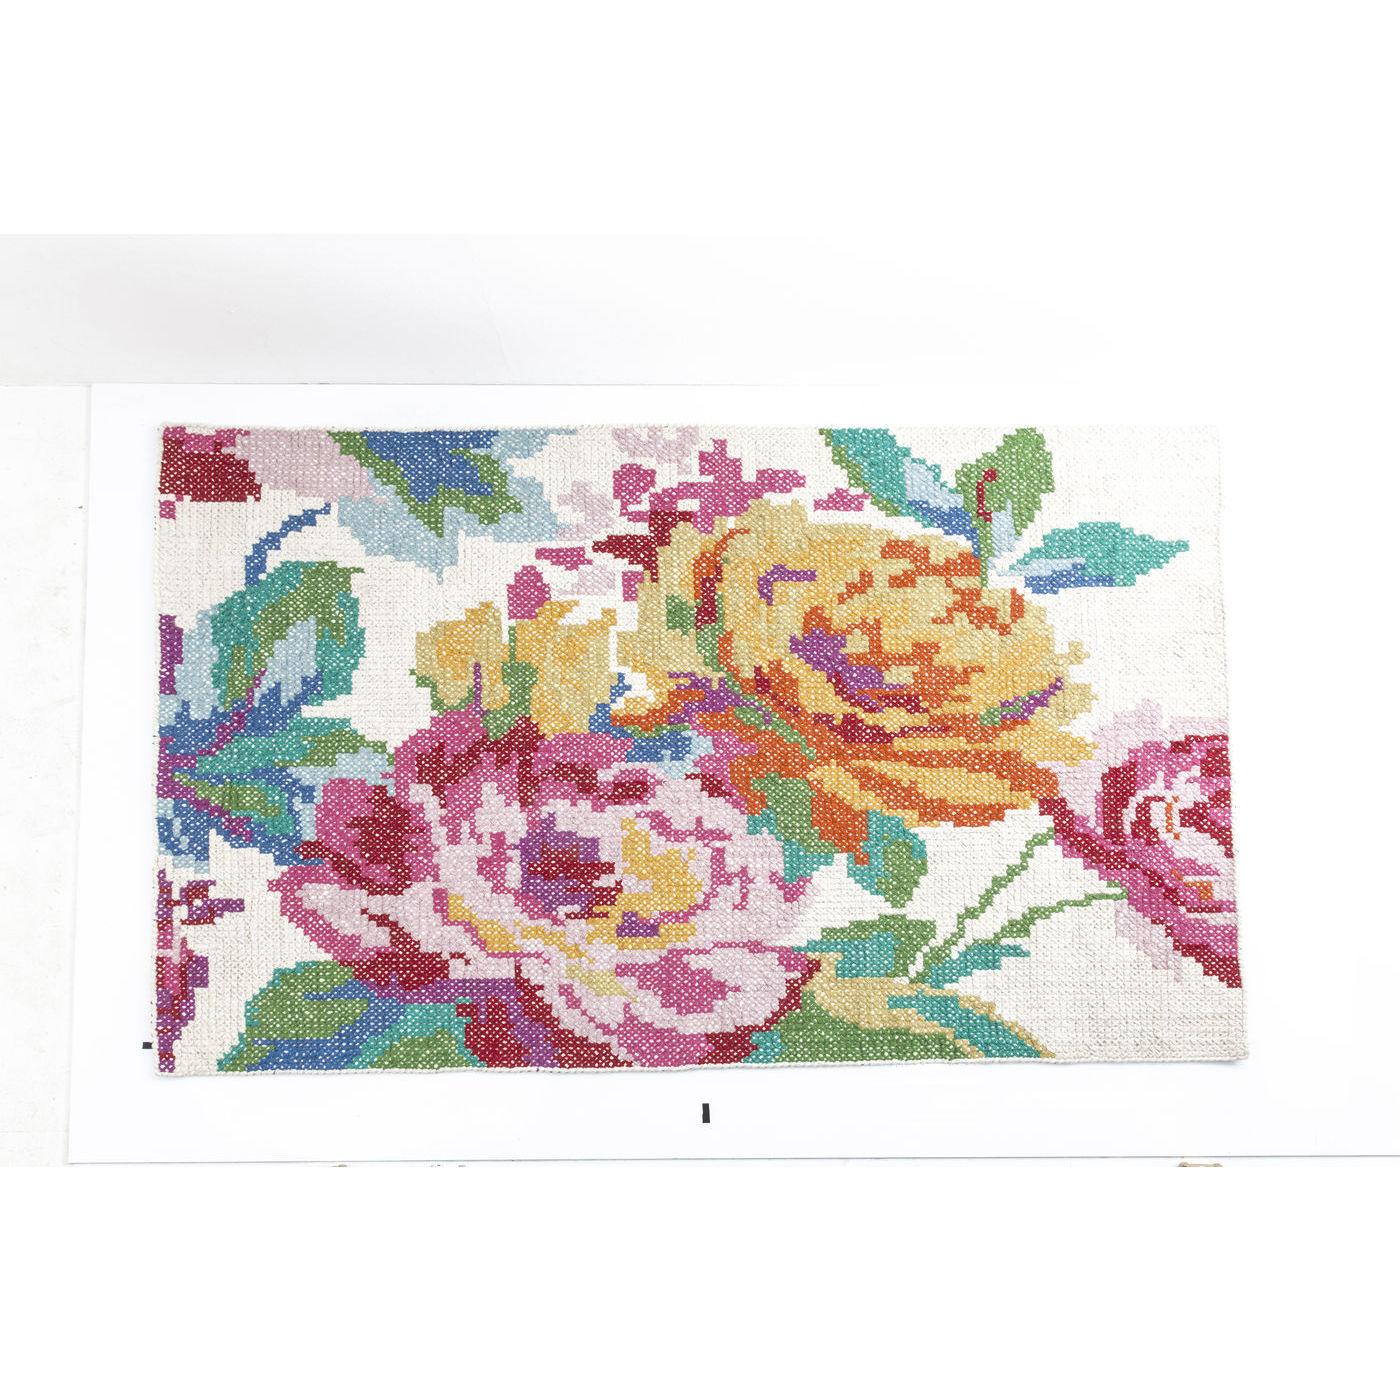 Billede af Kare Design Tæppe, Rosegarden 170x240cm